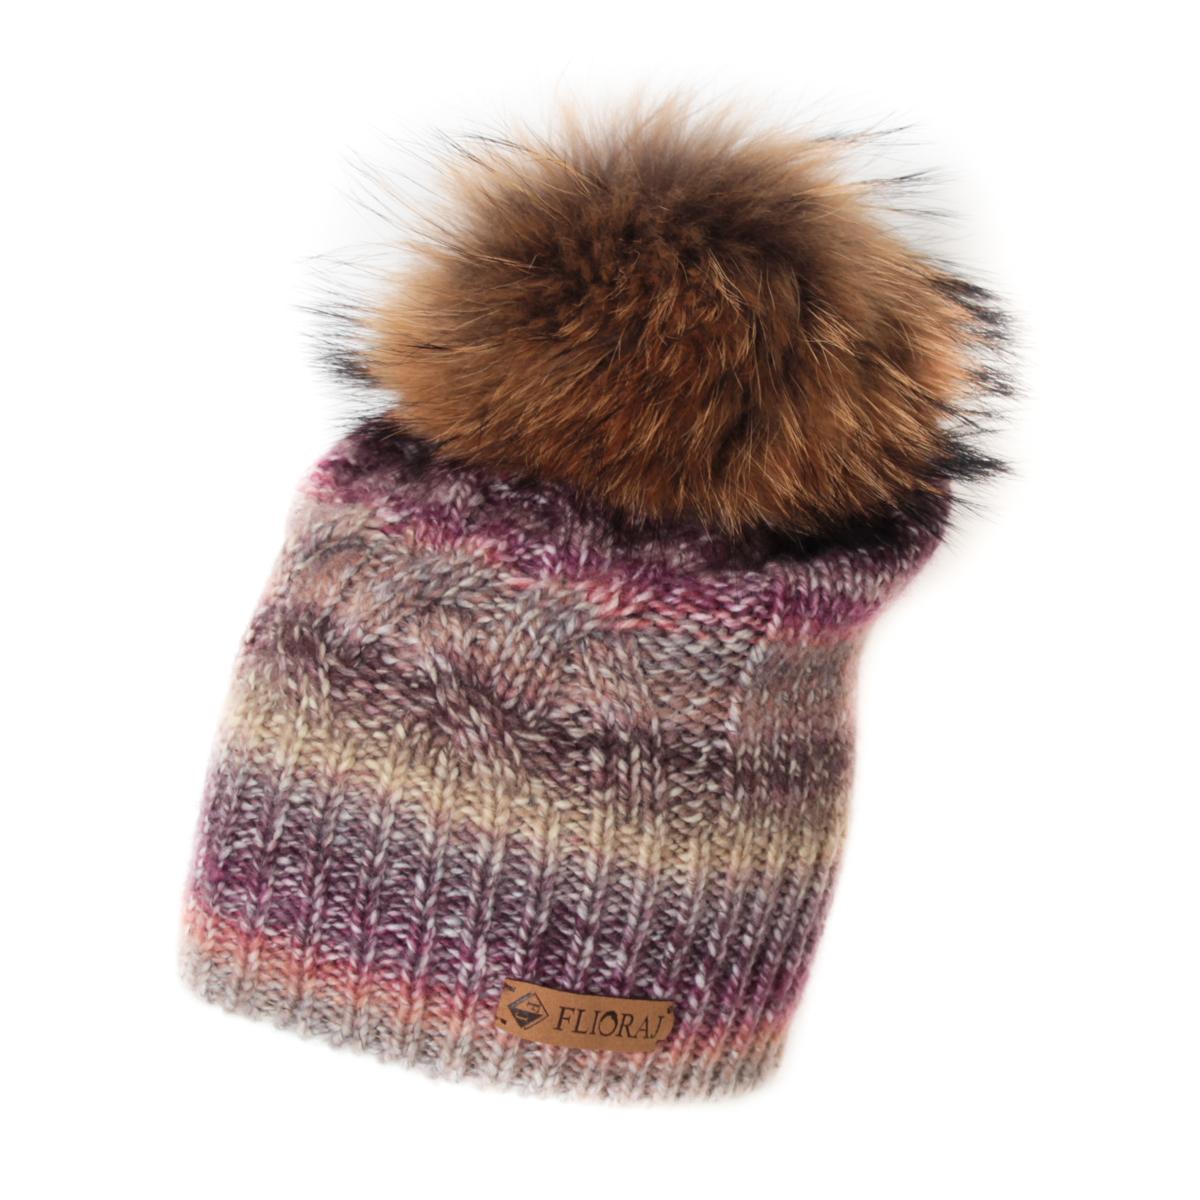 Шапка женская Flioraj, цвет: бежевый, сиреневый. 010/1FJ. Размер 56/58010/1FJСтильная теплая шапка от Flioraj, связанная из овечьей шерсти и шерсти горной альпаки, отлично согреет в холодную погоду. Состав пряжи делает изделие мягким, теплым и комфортным. Модель оригинальной смесовой расцветки выполнена рельефной вязкой, украшена нашивкой из натуральной кожи и меховым крашеным помпоном из енота. Оттенок помпона может отличаться.